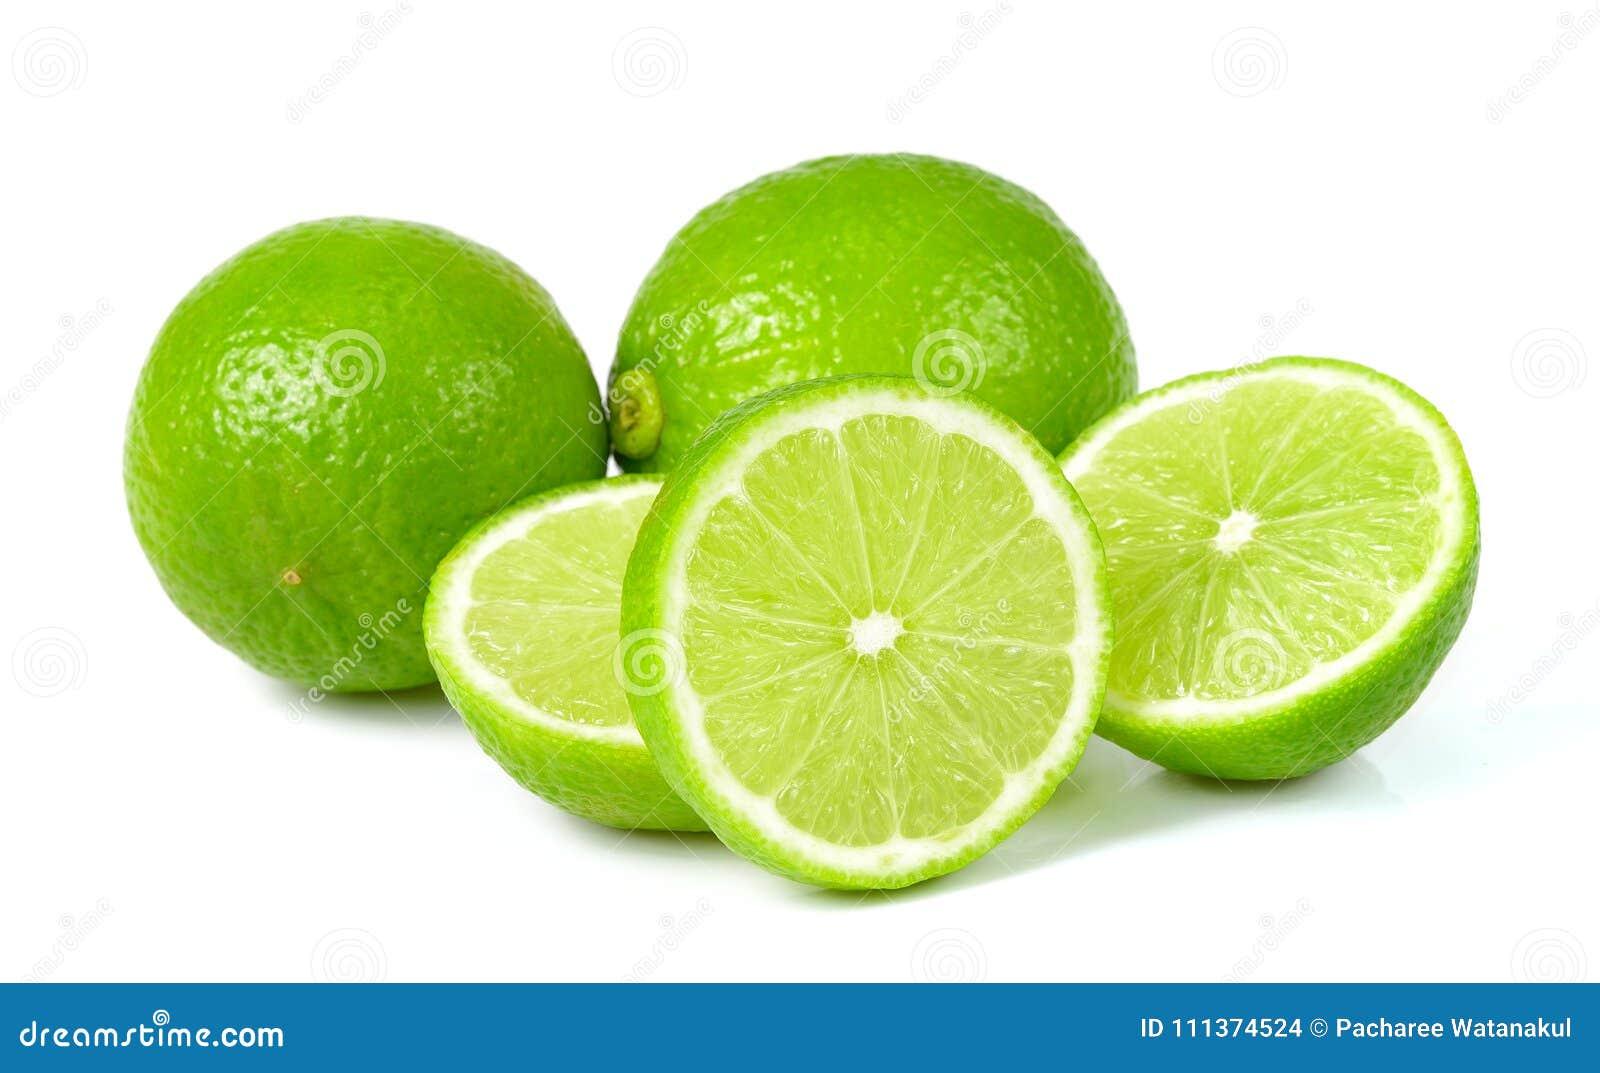 White för limefrukt för bakgrundsdof-green grund